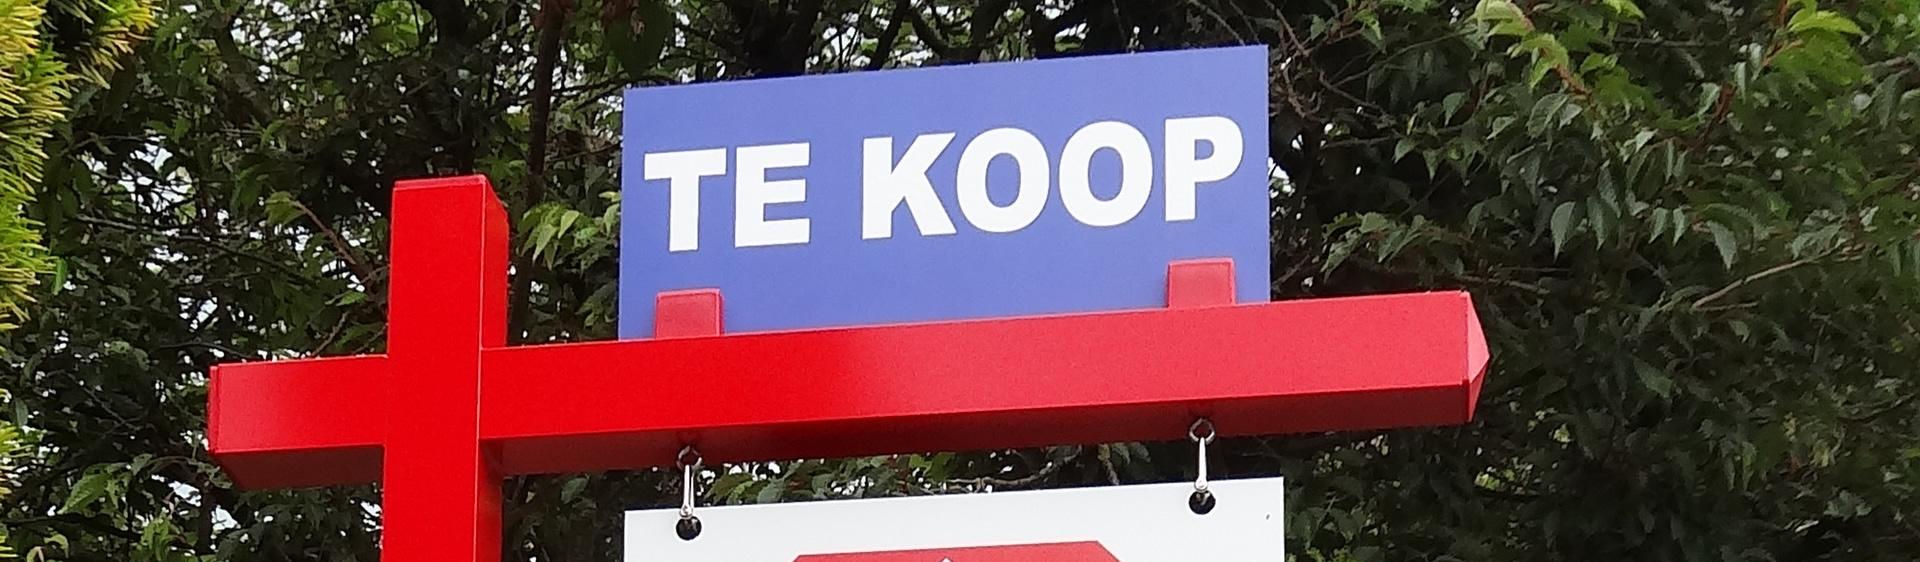 Drukte op de woningmarkt Den Bosch!